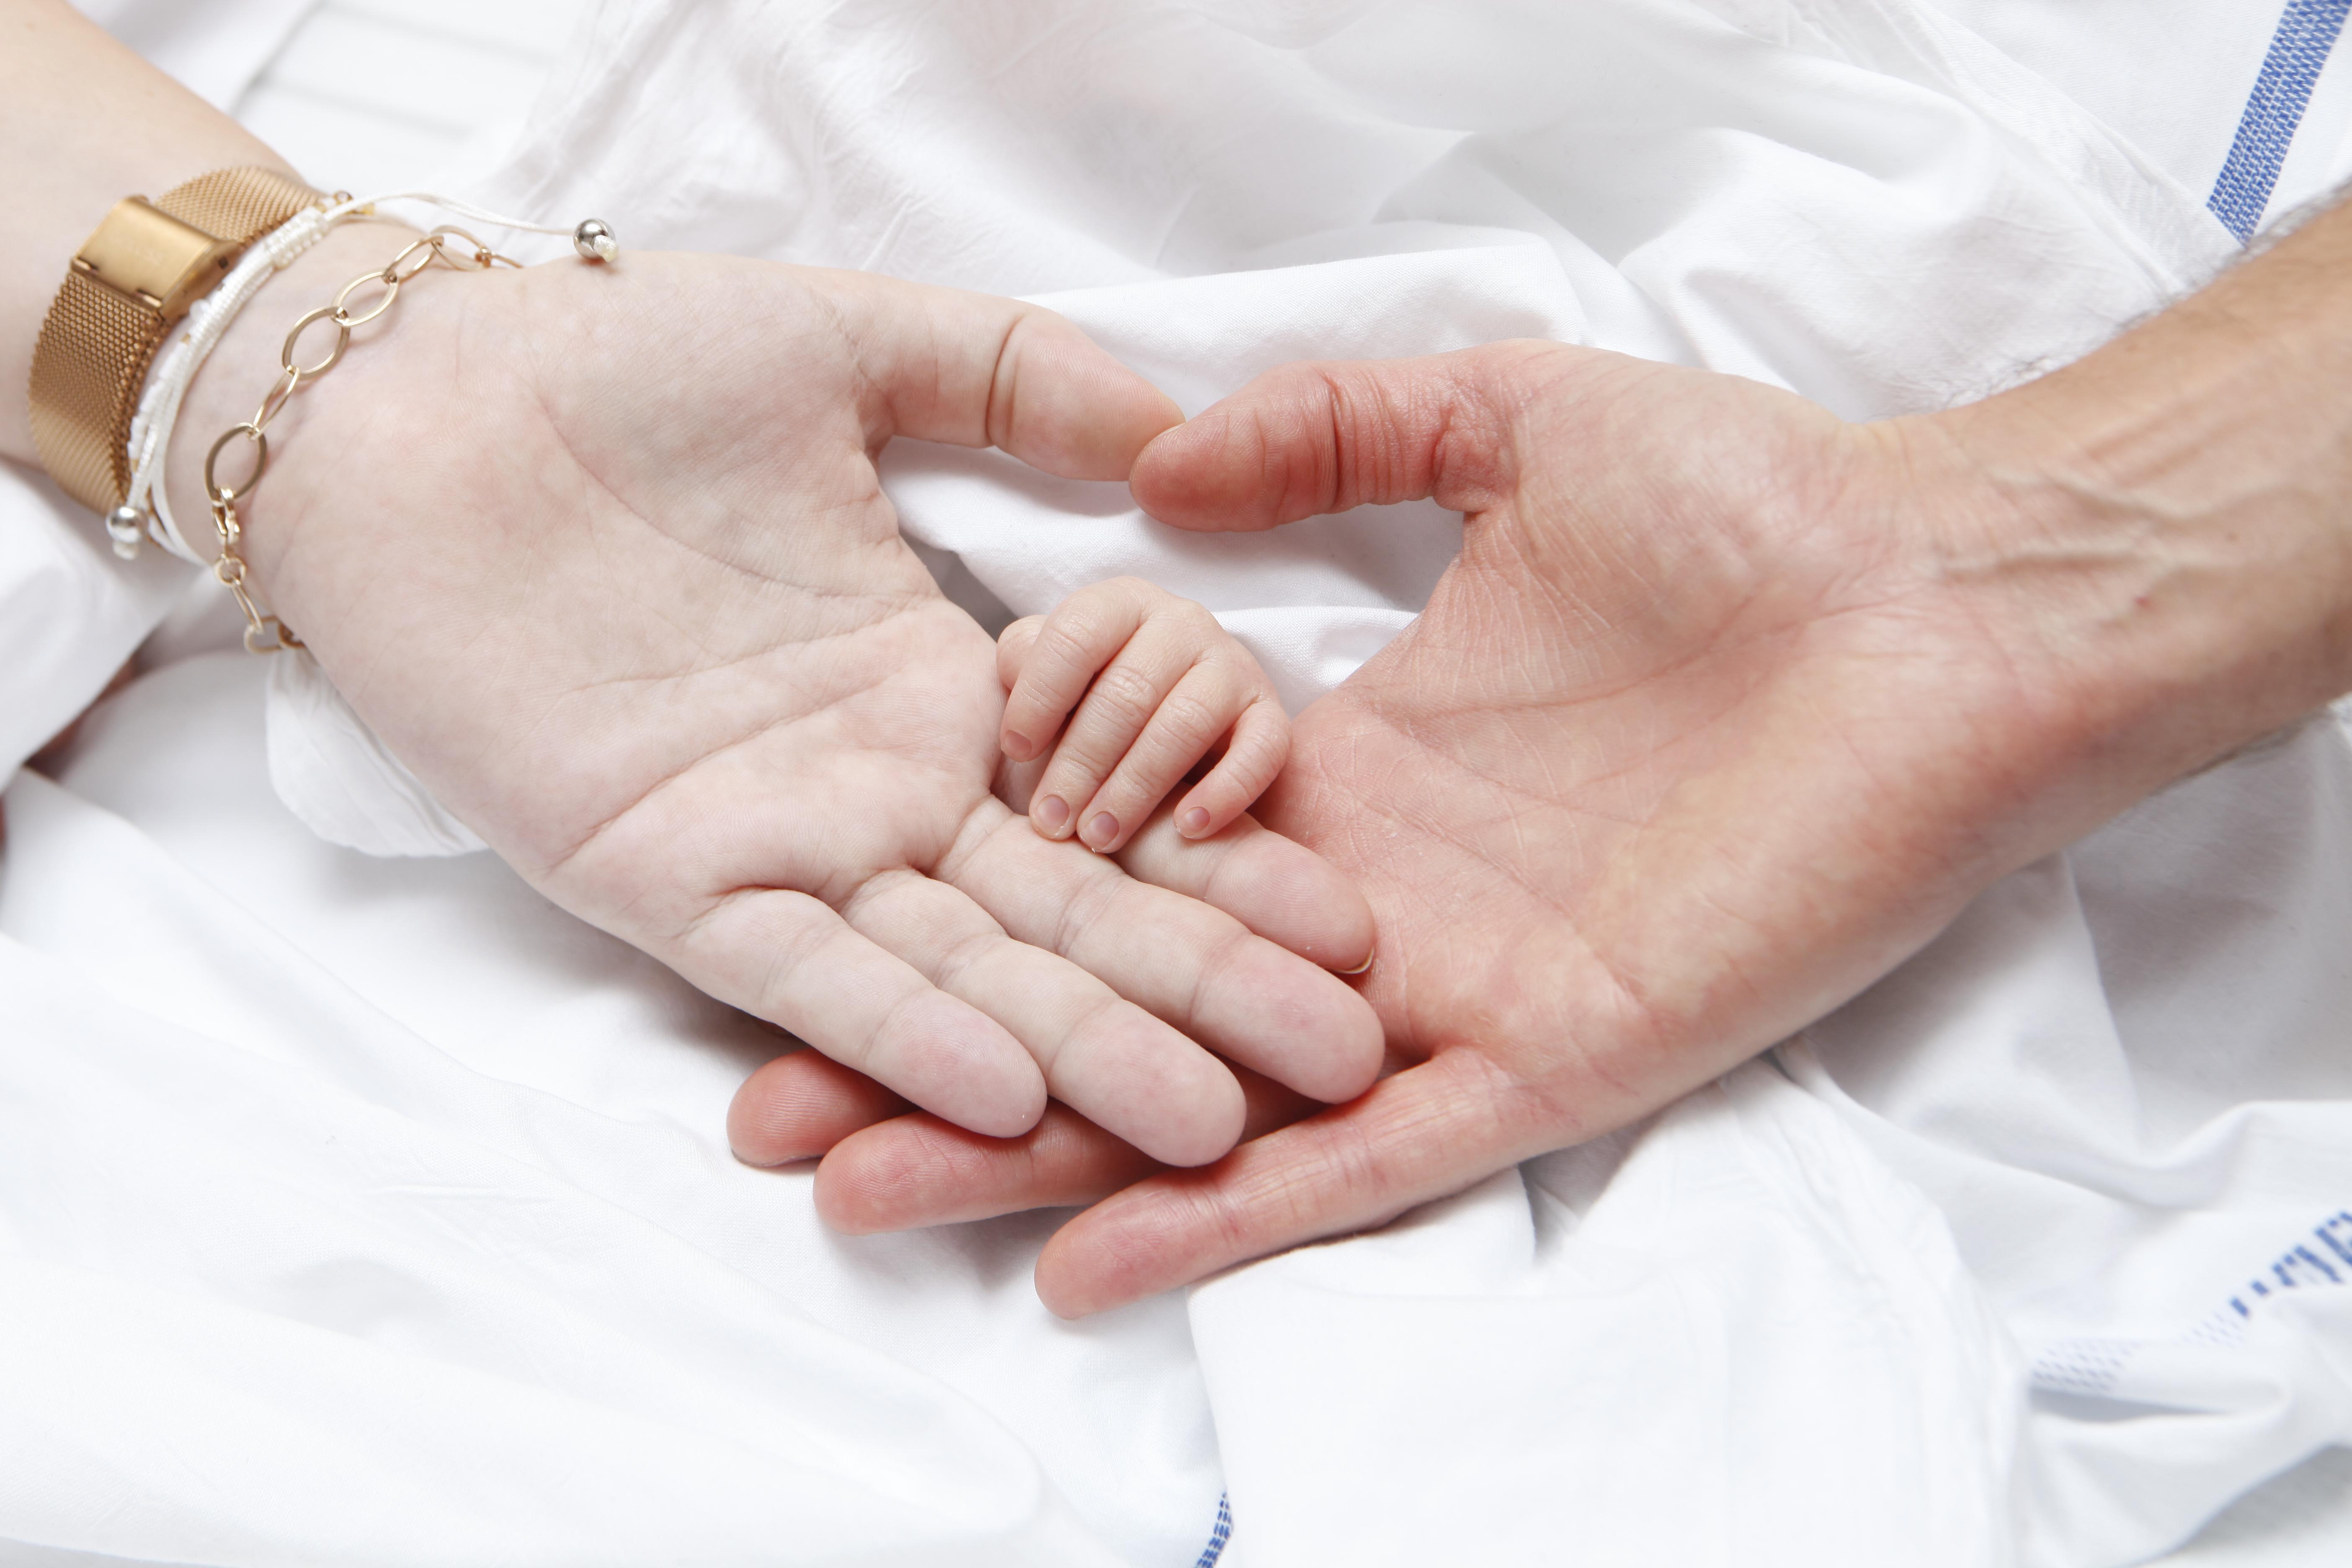 accouchement - naissance - maternité - jeune maman - future maman - post partum - parentalité - du style madame